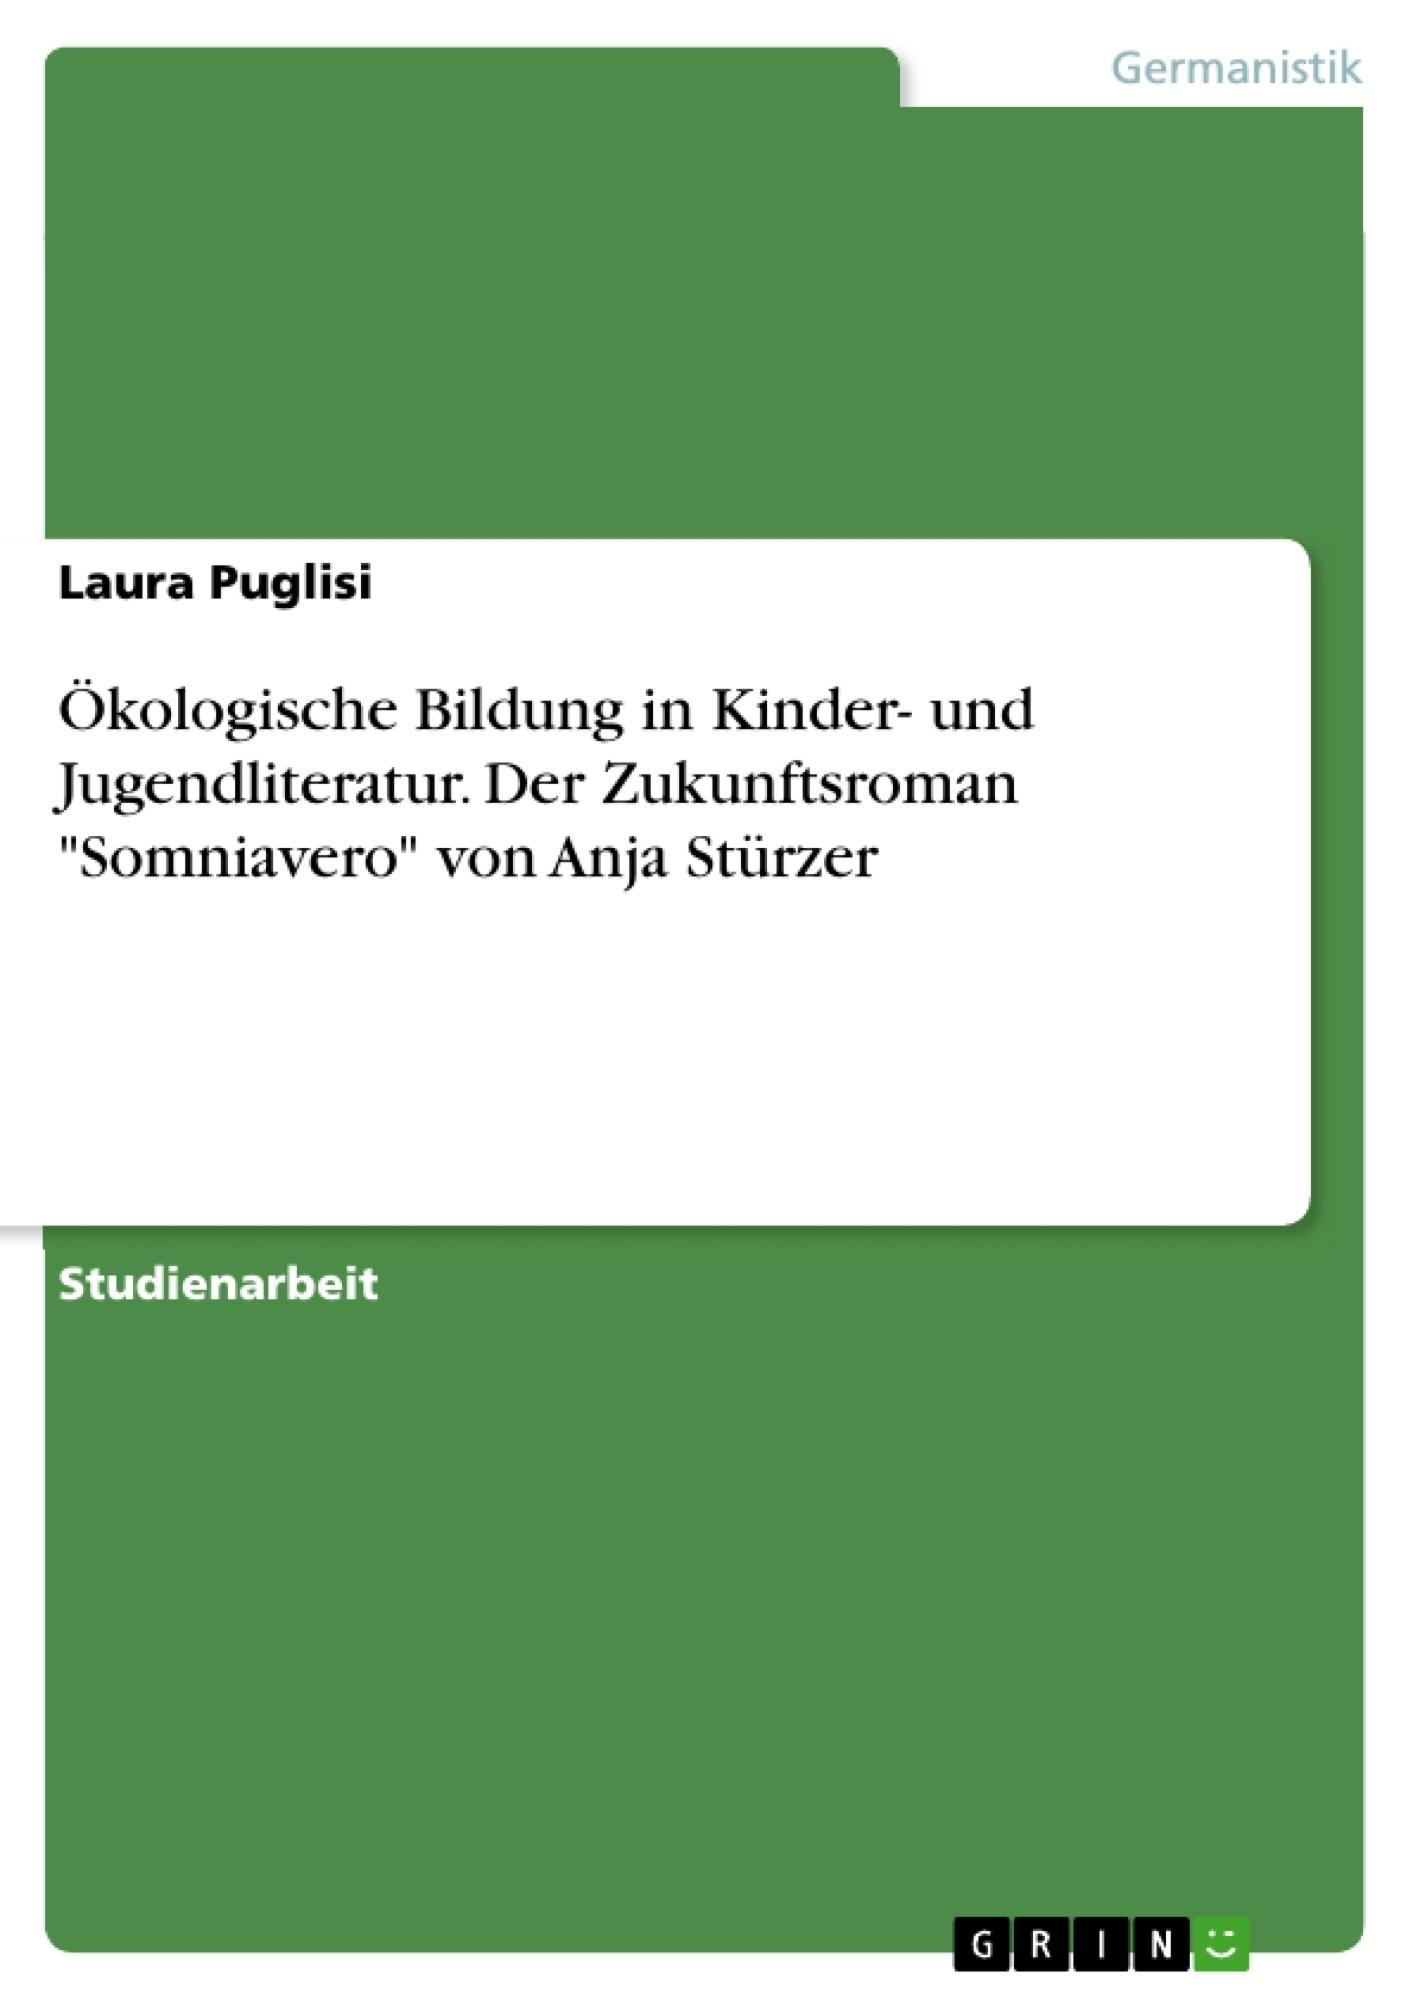 """Titel: Ökologische Bildung in Kinder- und Jugendliteratur. Der  Zukunftsroman """"Somniavero"""" von Anja Stürzer"""